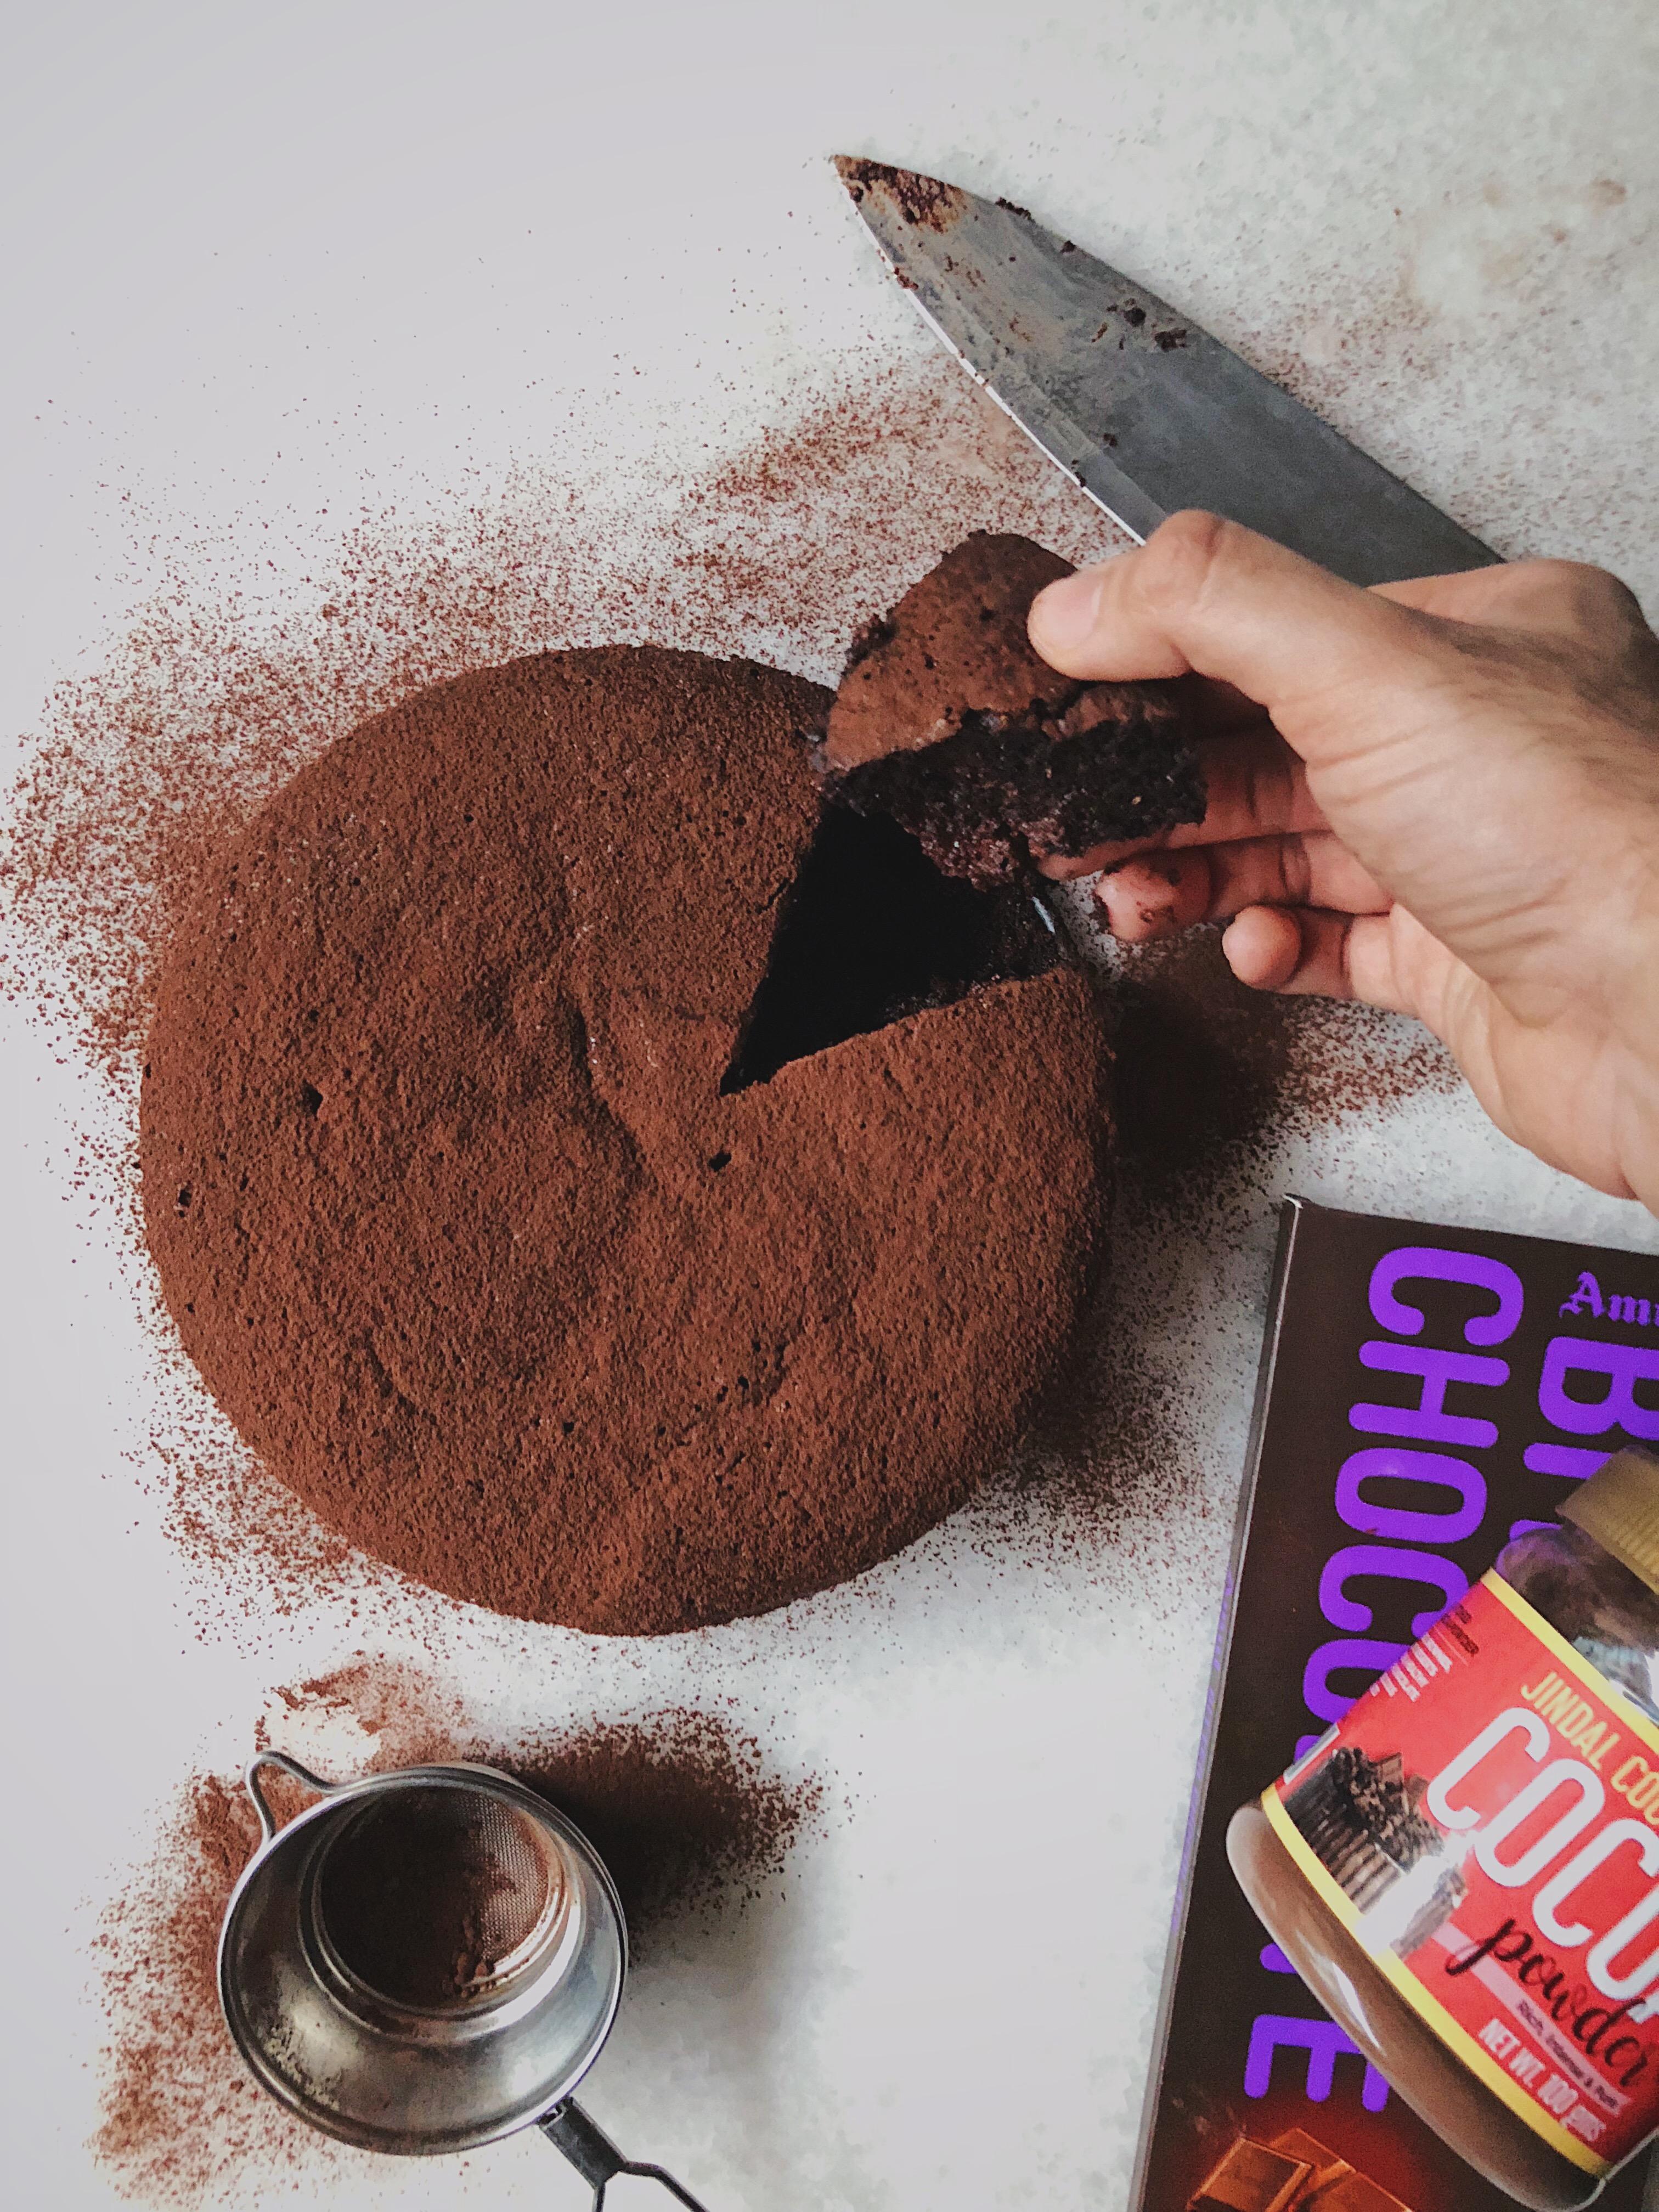 Flourless Chocolate Cake In A Bain-Marie